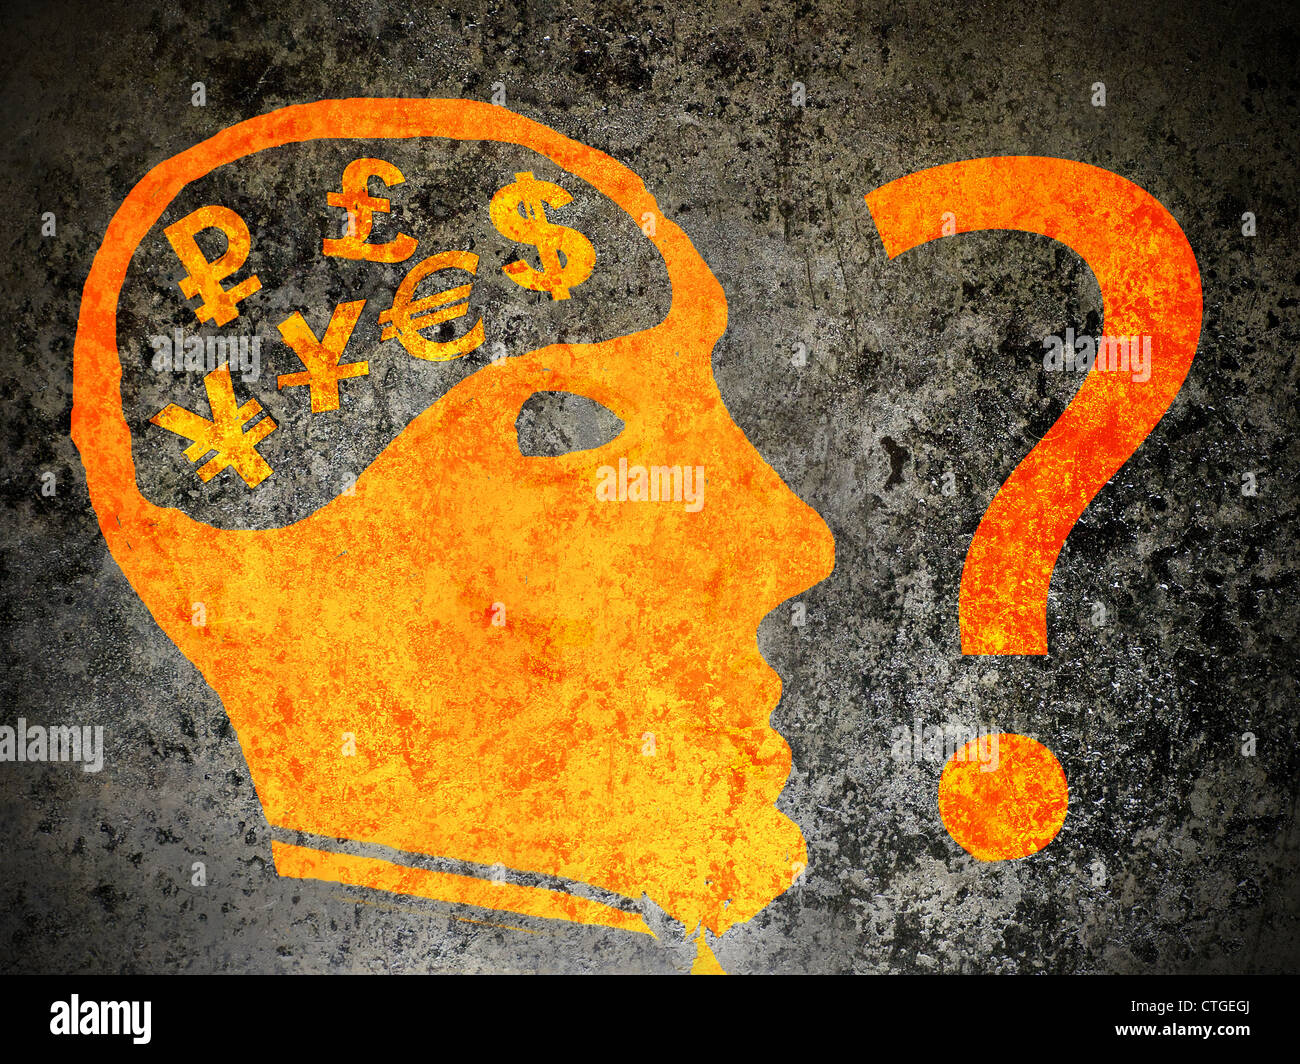 La confusion de l'économie concept illustration noir sur orange Photo Stock